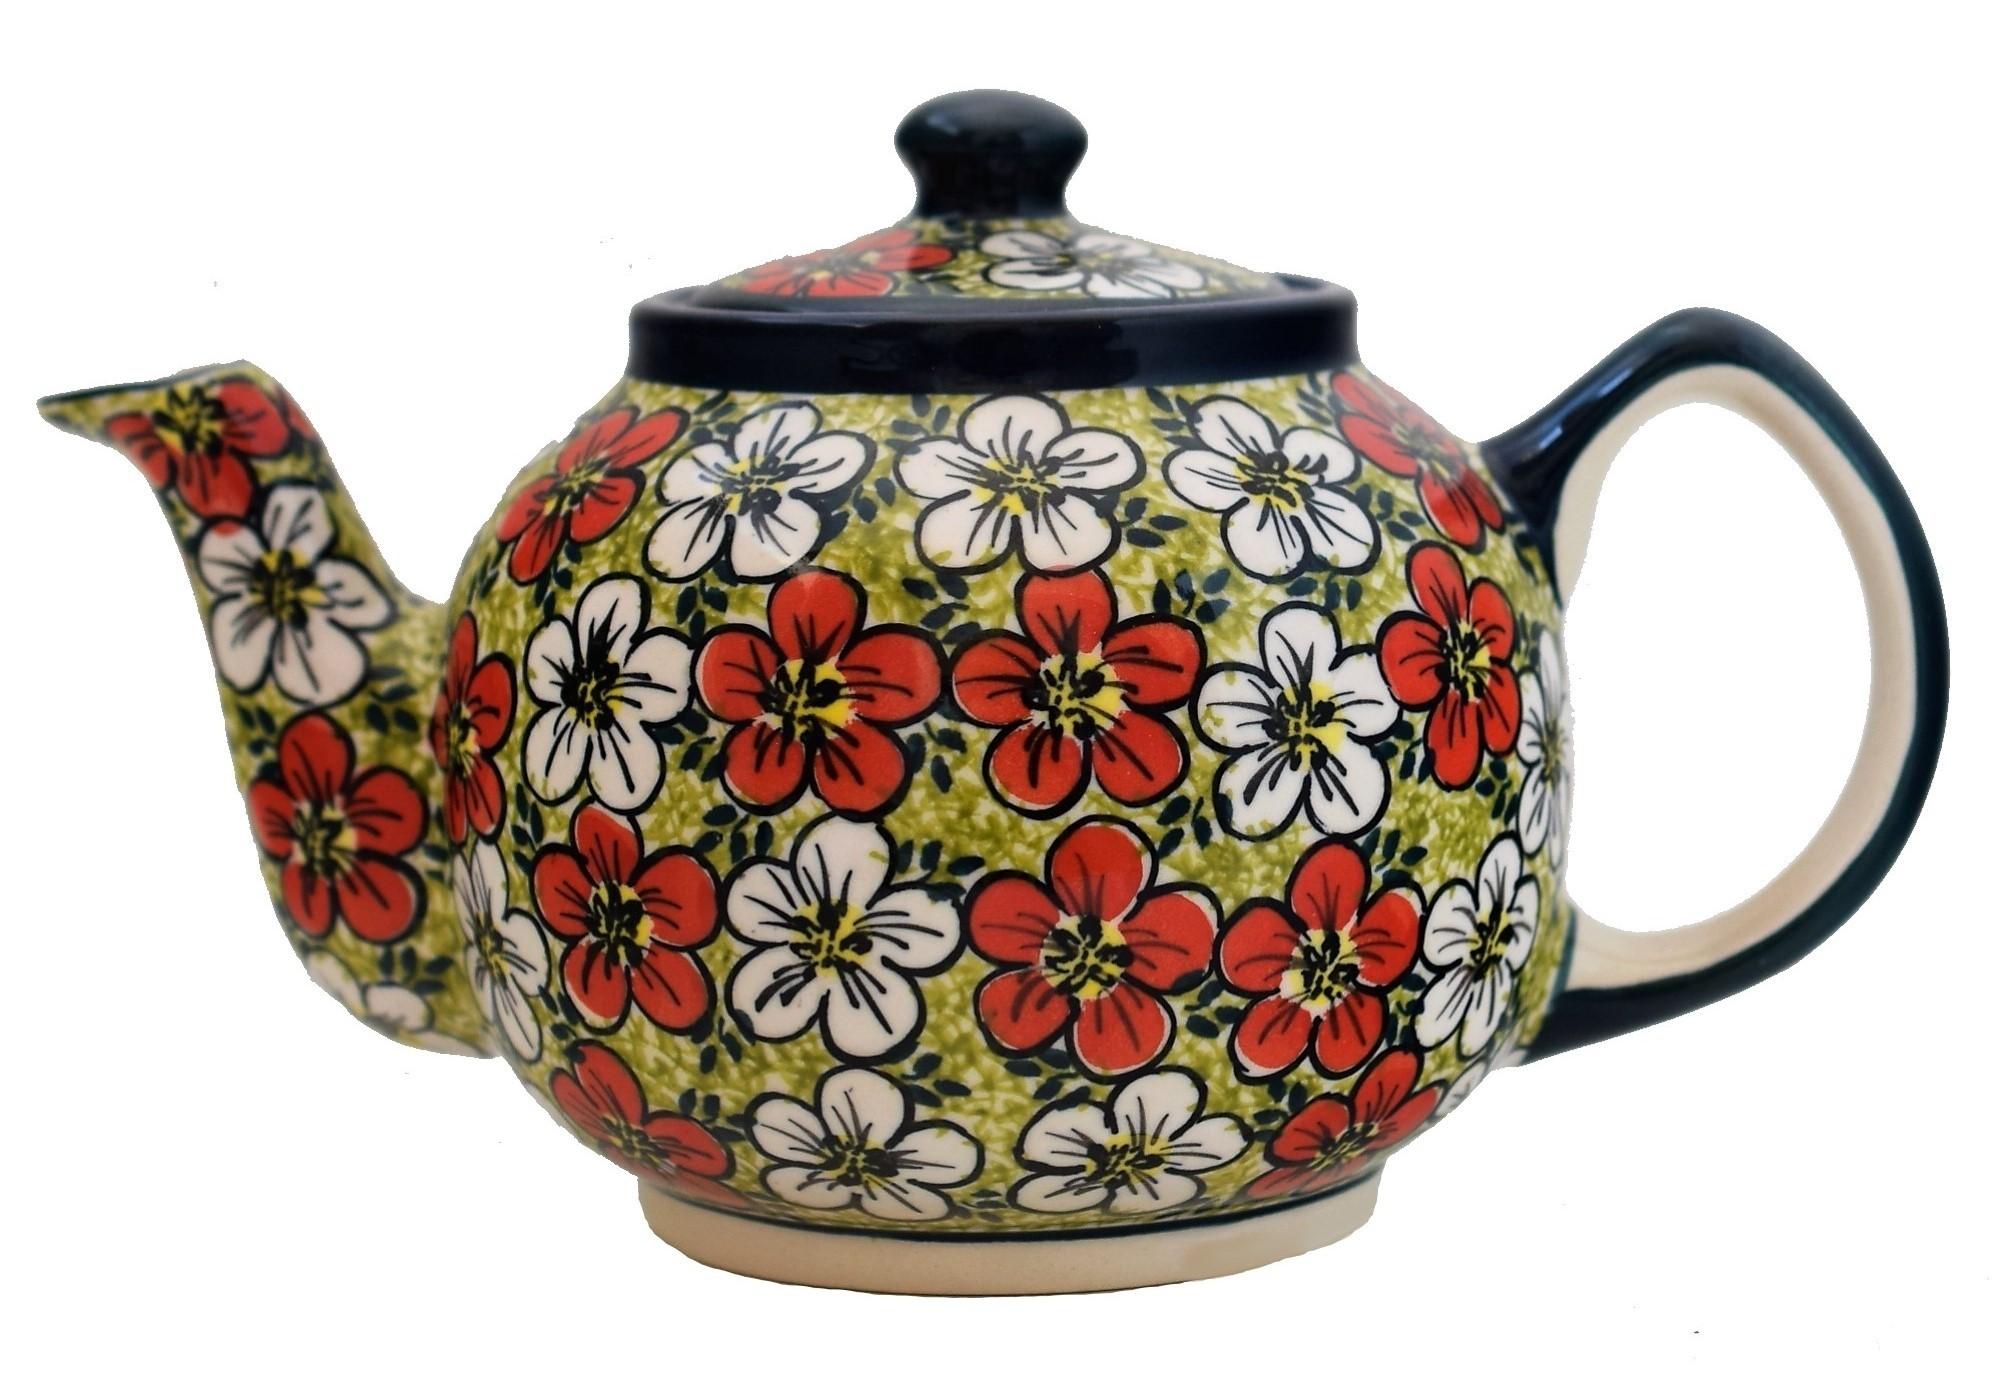 Pottery Avenue 34oz Stoneware Teapot - 596-252EX